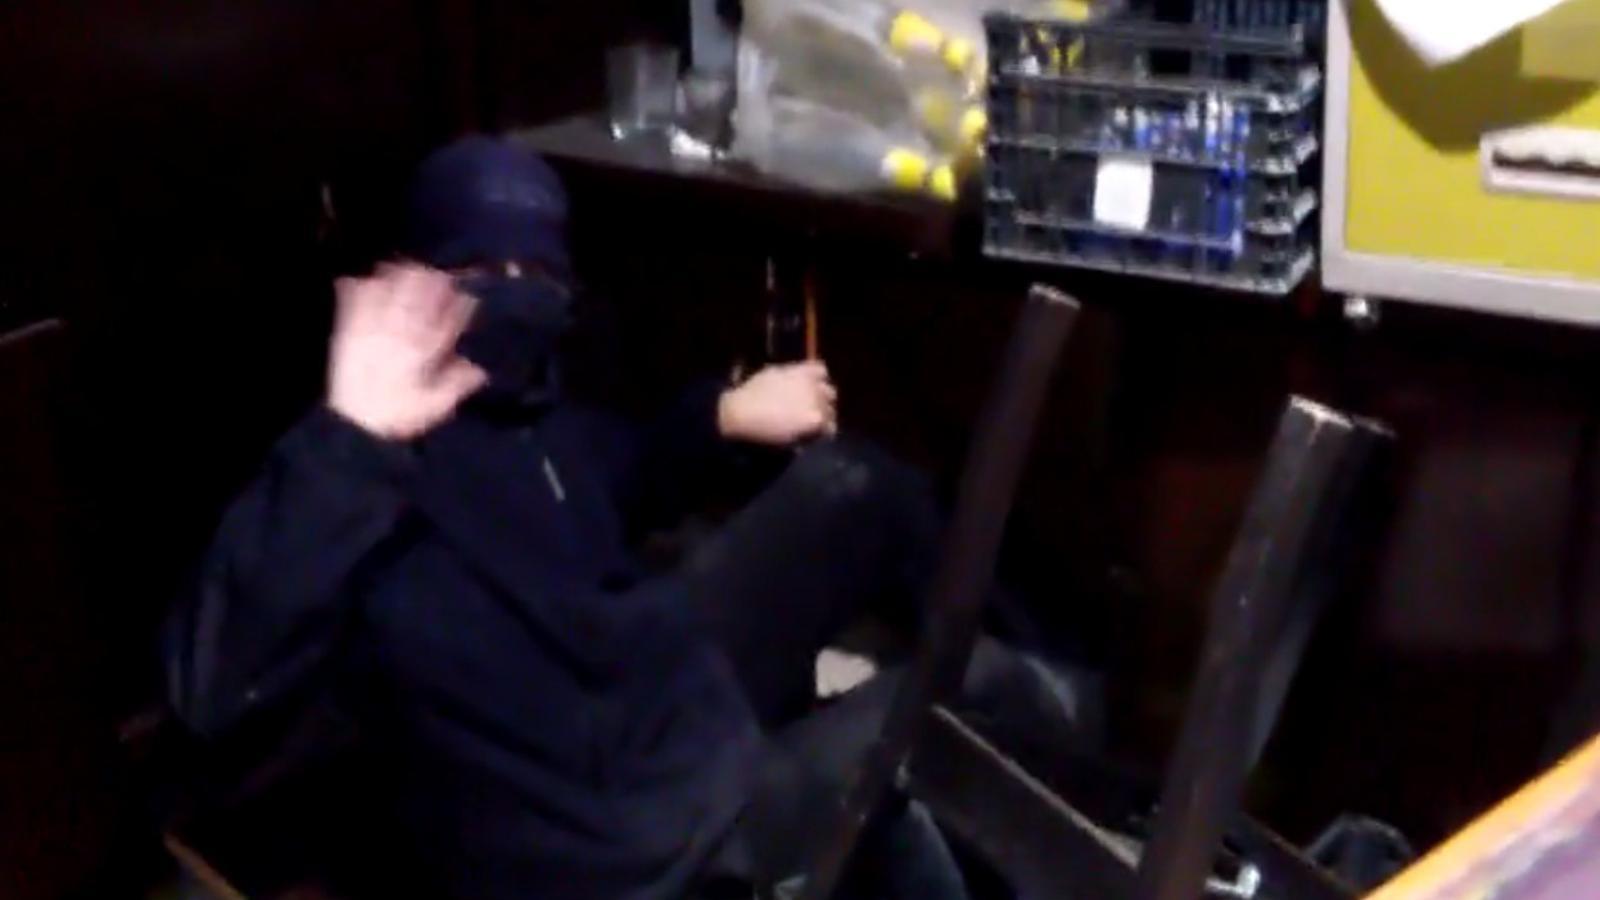 Els okupes del Banc Expropieat anuncien que han burlat els Mossos i continuen a dins